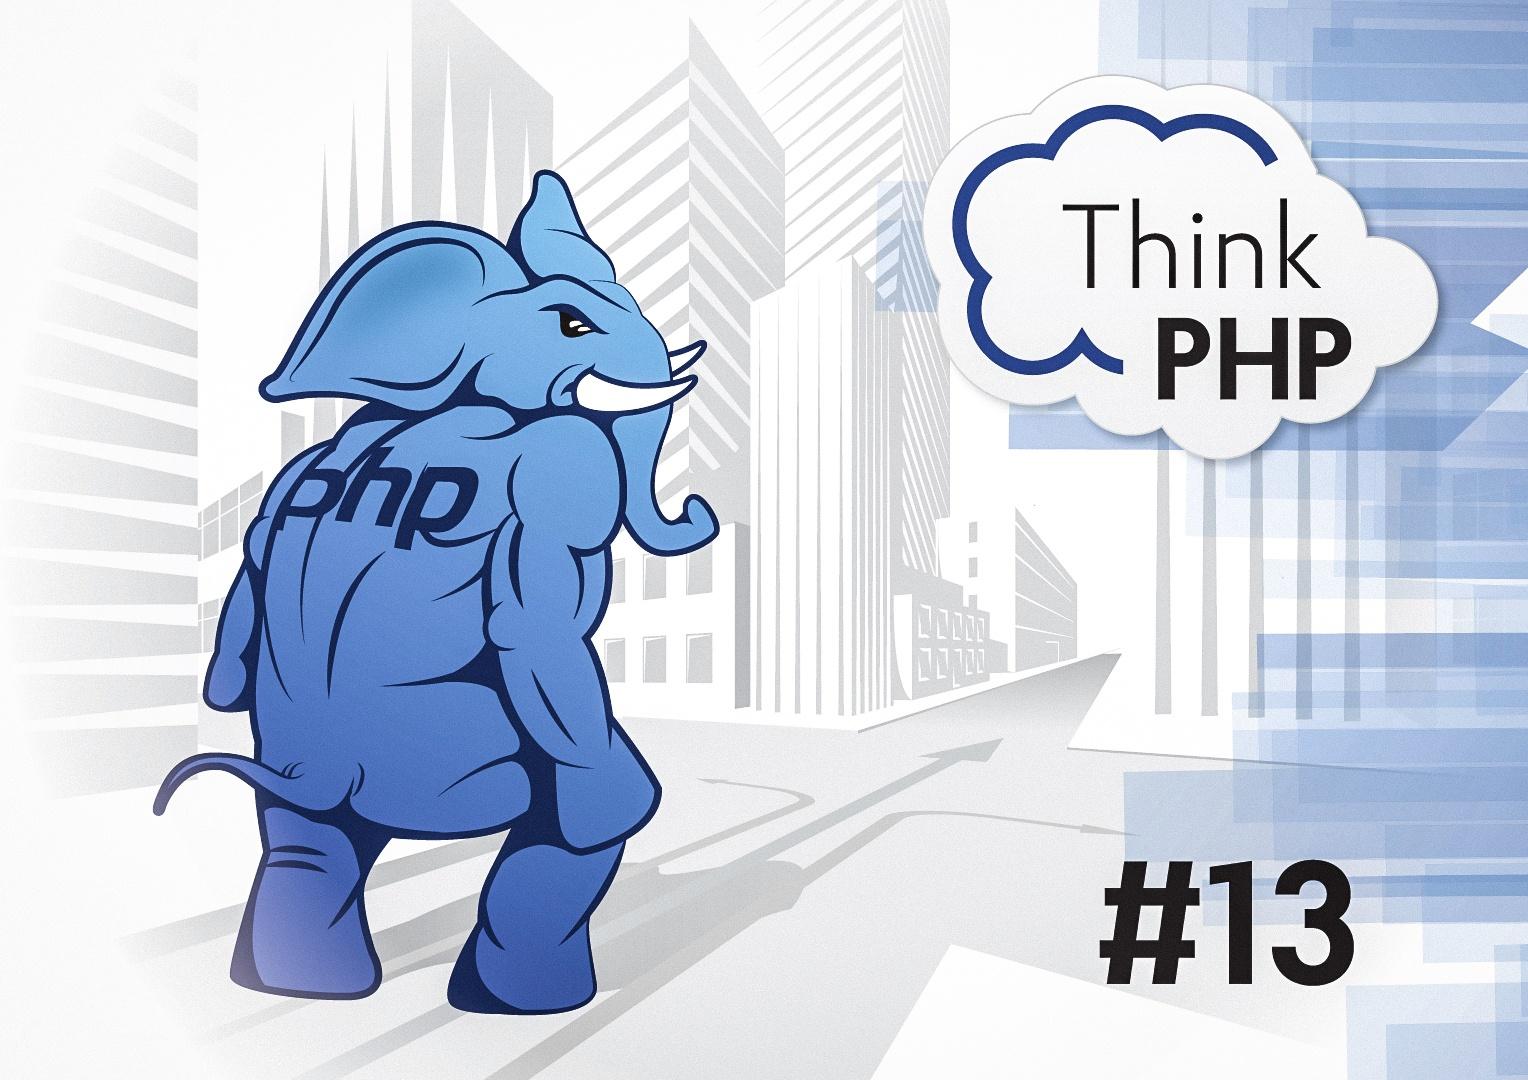 Анонс митапа ThinkPHP #13 - 2